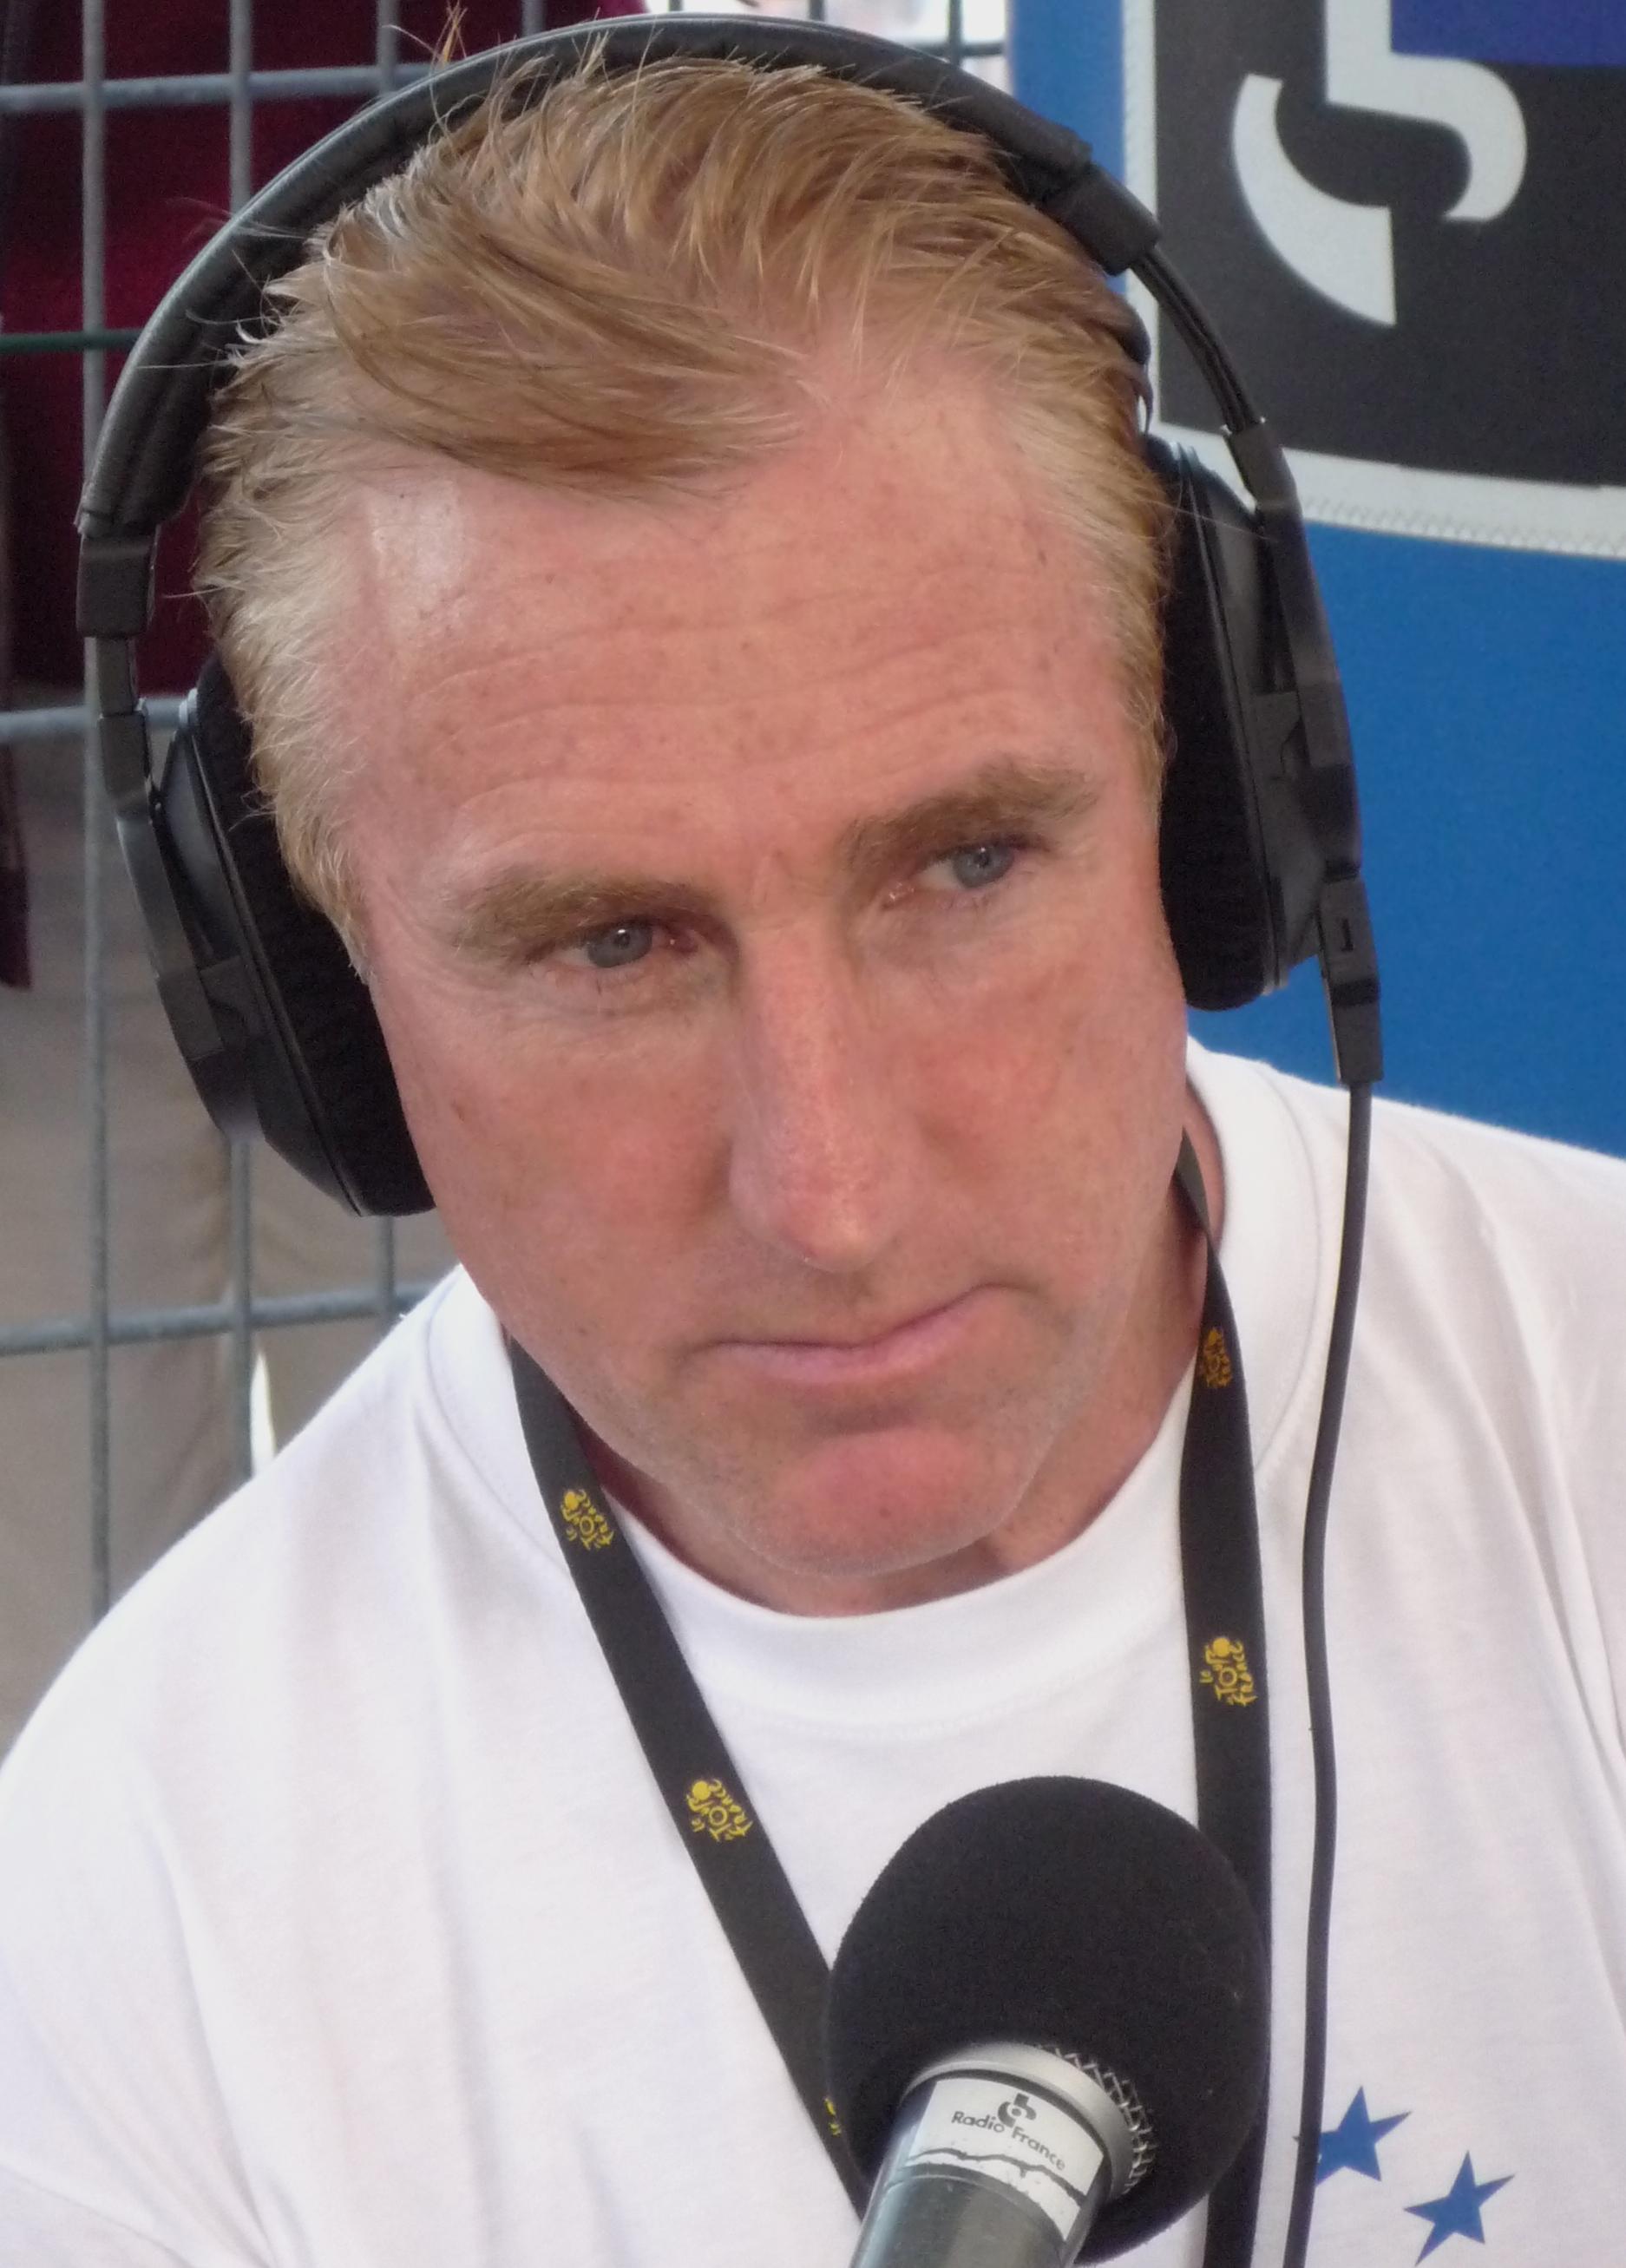 Kelly commentating on the Tour de France in 2009  By Pierre Diéterlé (Jean de Gribaldy.com) (Own work) [CC0], via Wikimedia Commons